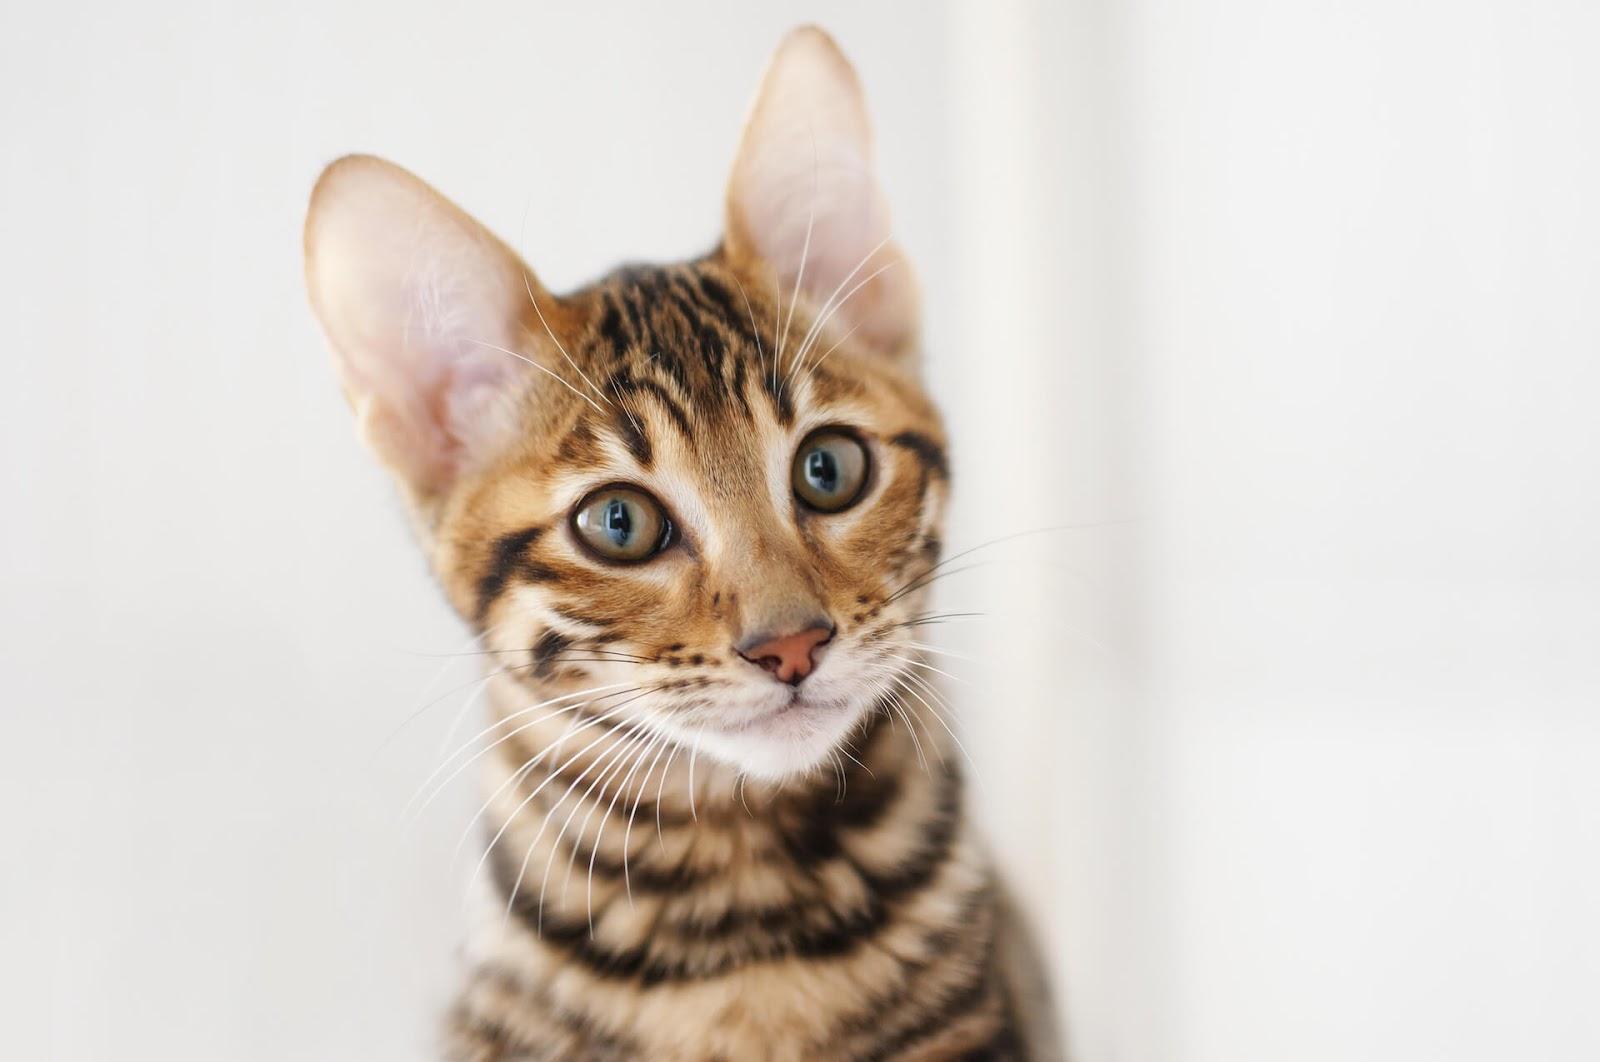 Brown tabby cat looking at camera